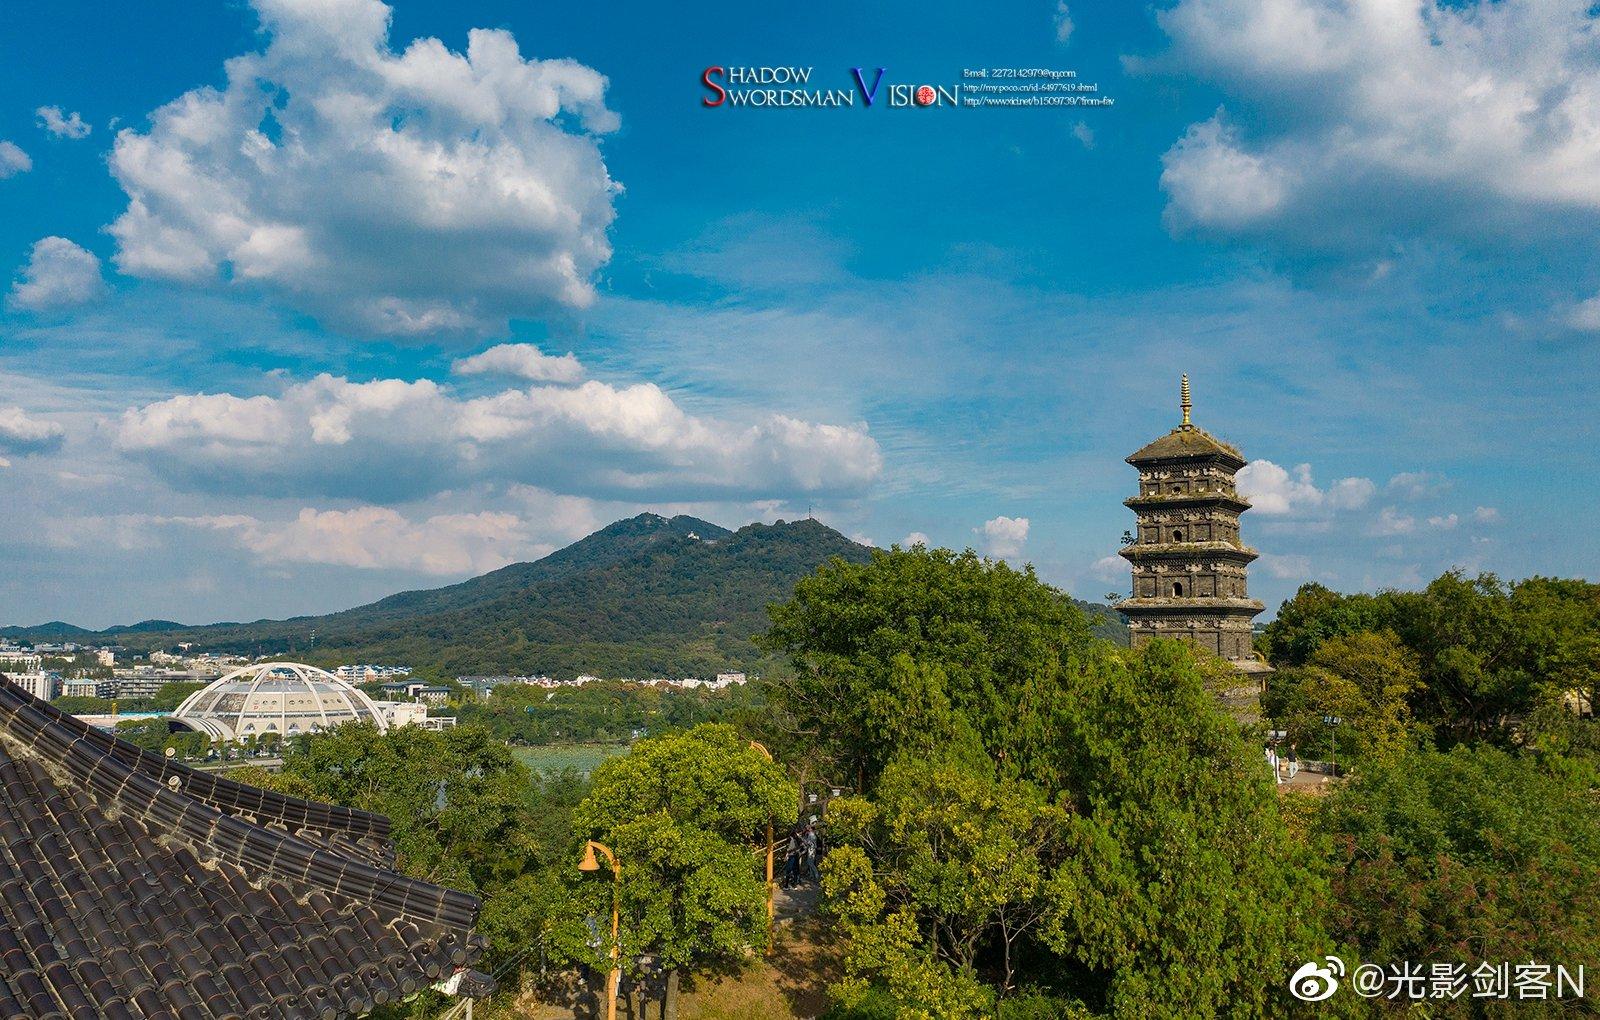 南京九华山 --玄奘寺 南京九华山又名覆舟山,山形狭长,顶呈平行